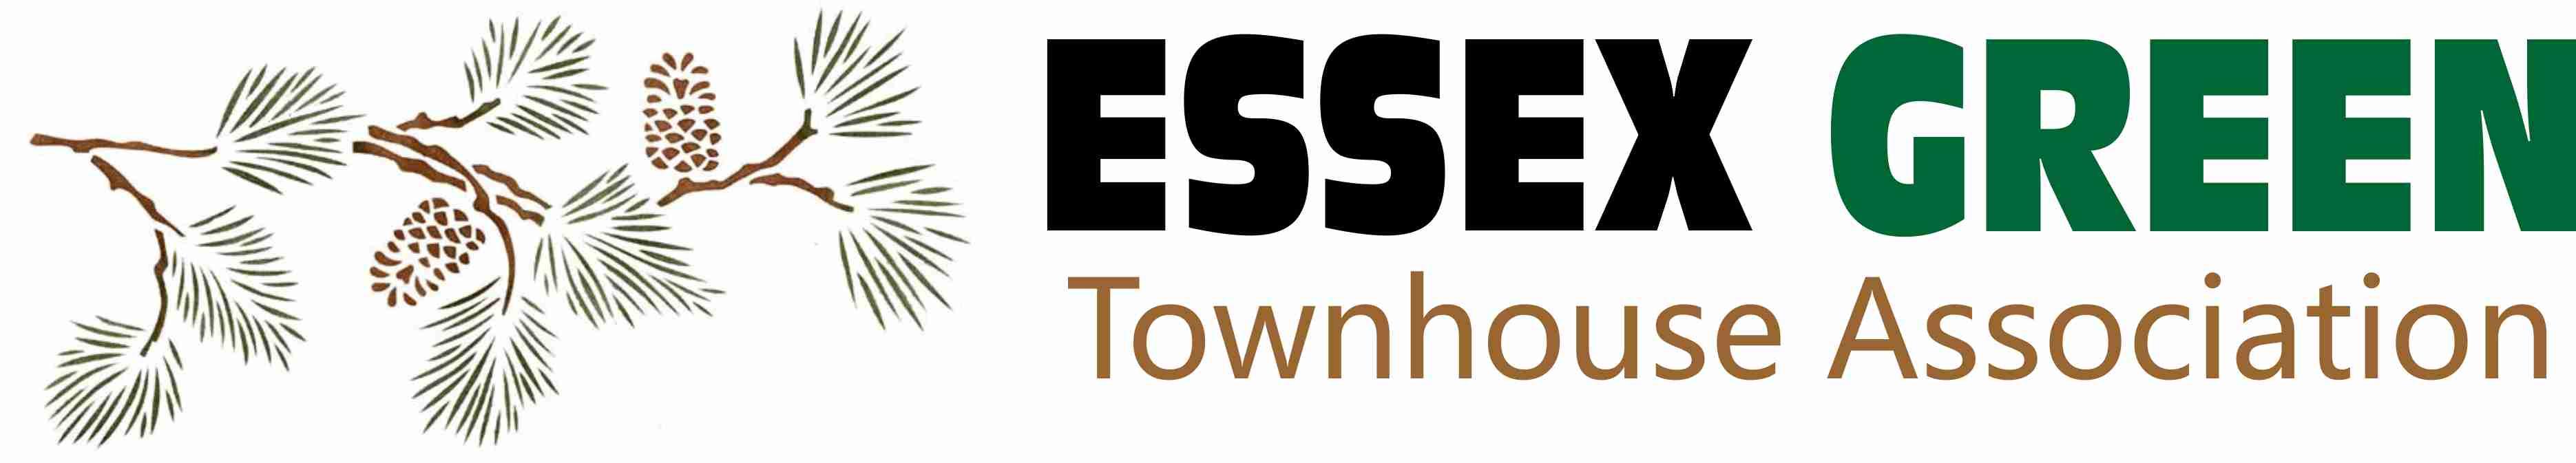 Essex Green Townhouse Association